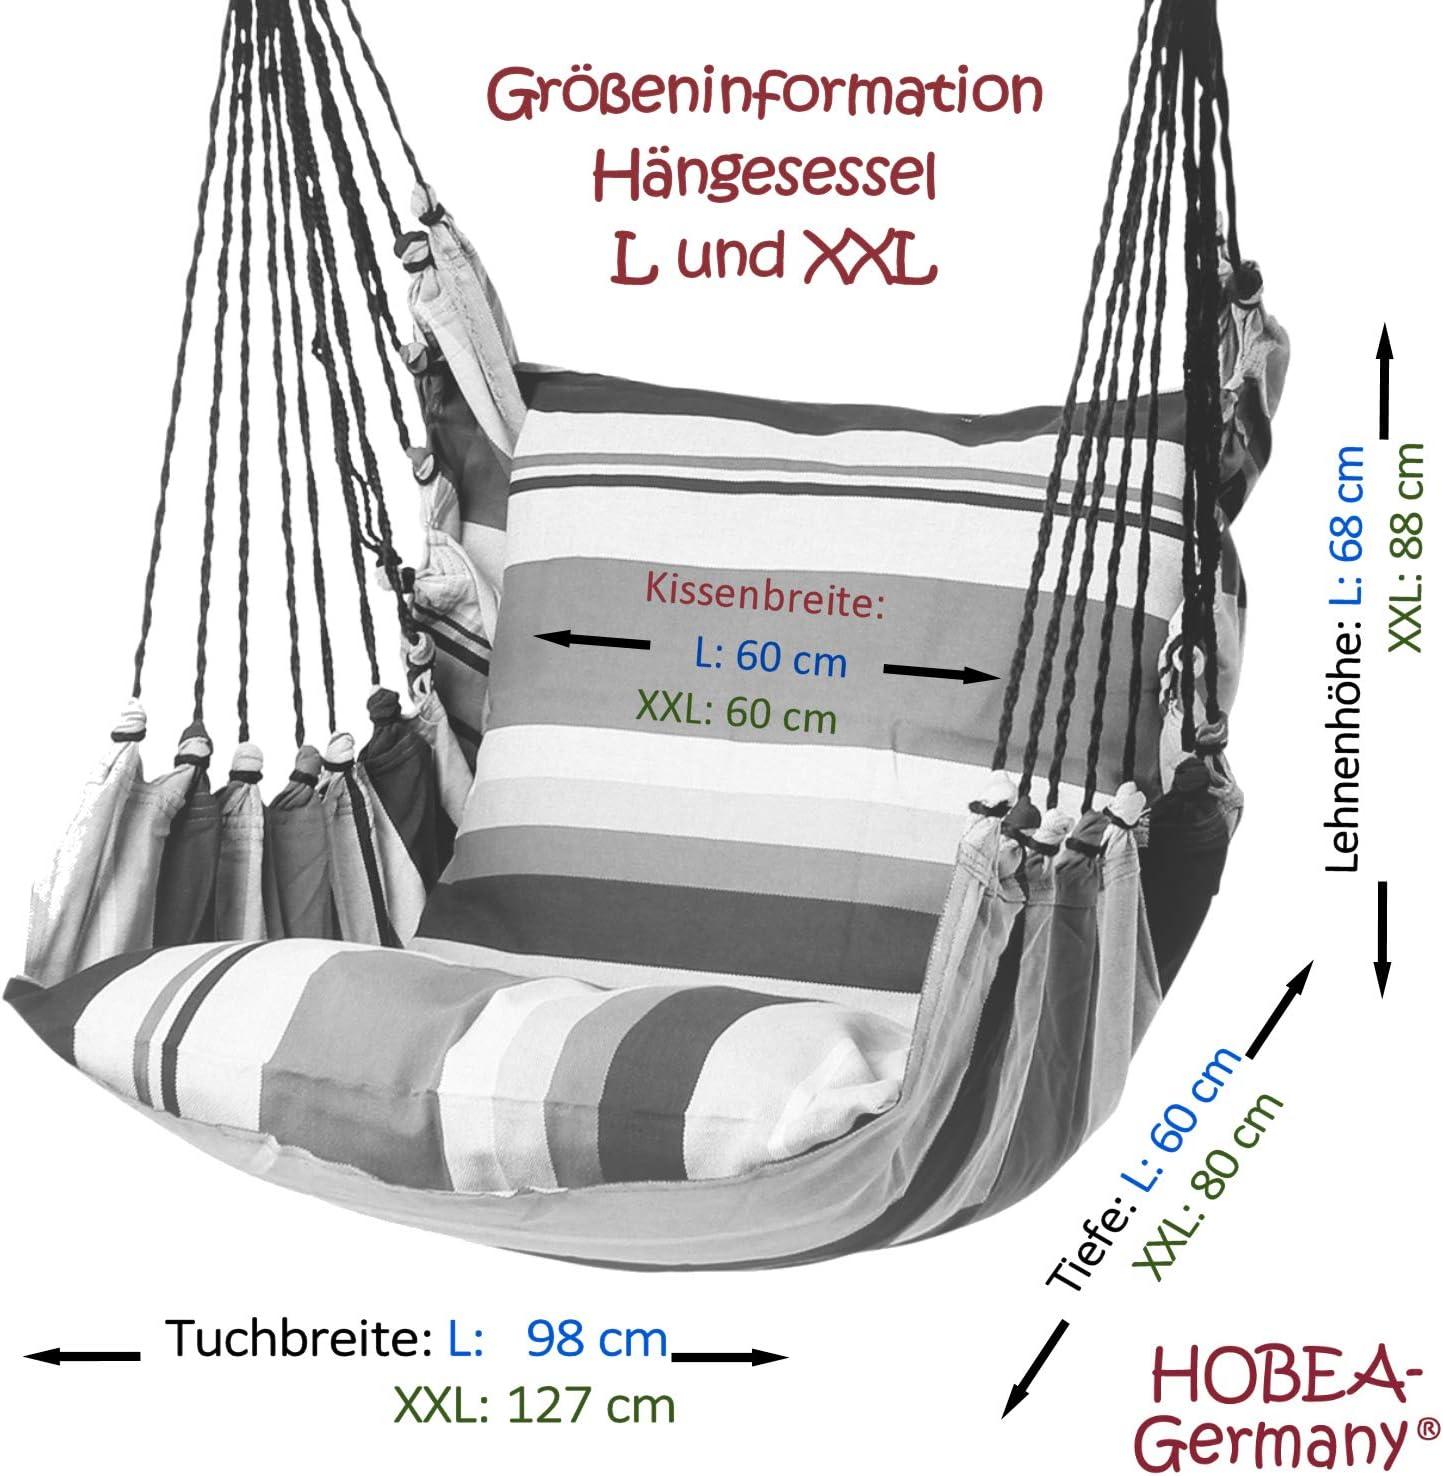 bis 120kg belastbar Colori Sedia sospesa:Toskana Dimensioni Sedia Amaca: L HOBEA-Germany Sedia sospesa con 2 Cuscini in Diversi Colori